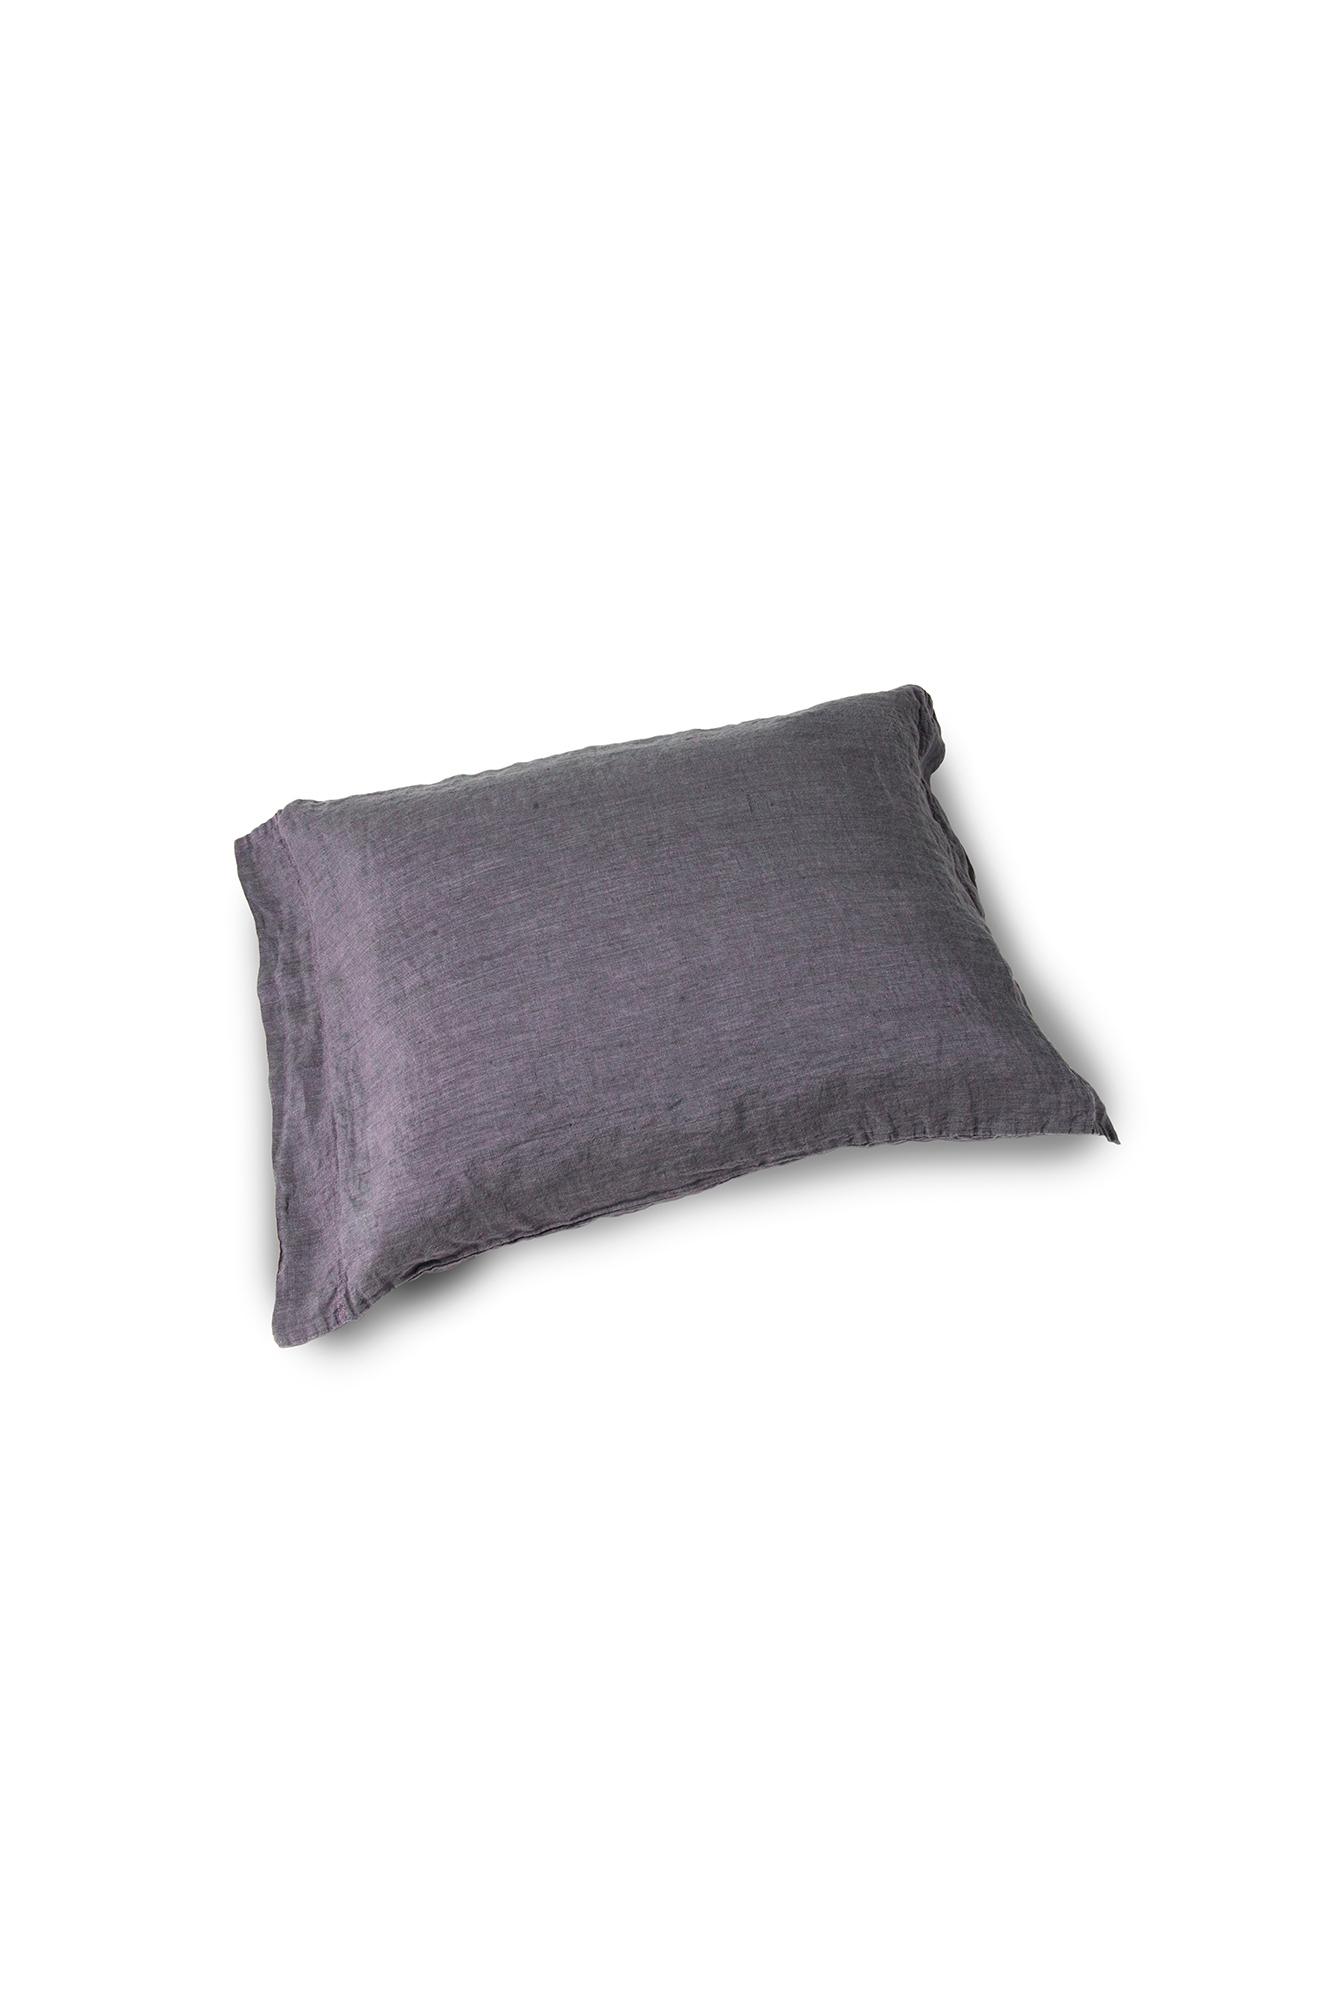 Head-tyynyliina pestyä pellavaa